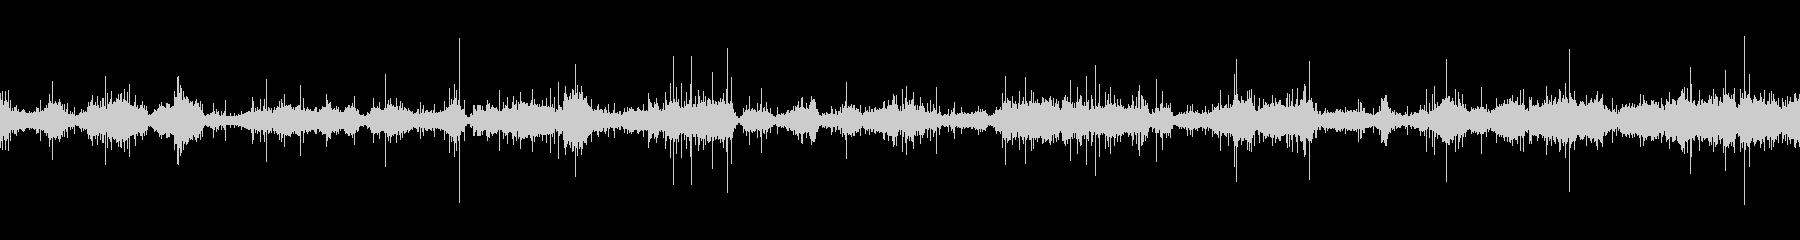 環境音「サラサラ…」3 静かな海(?!)の未再生の波形